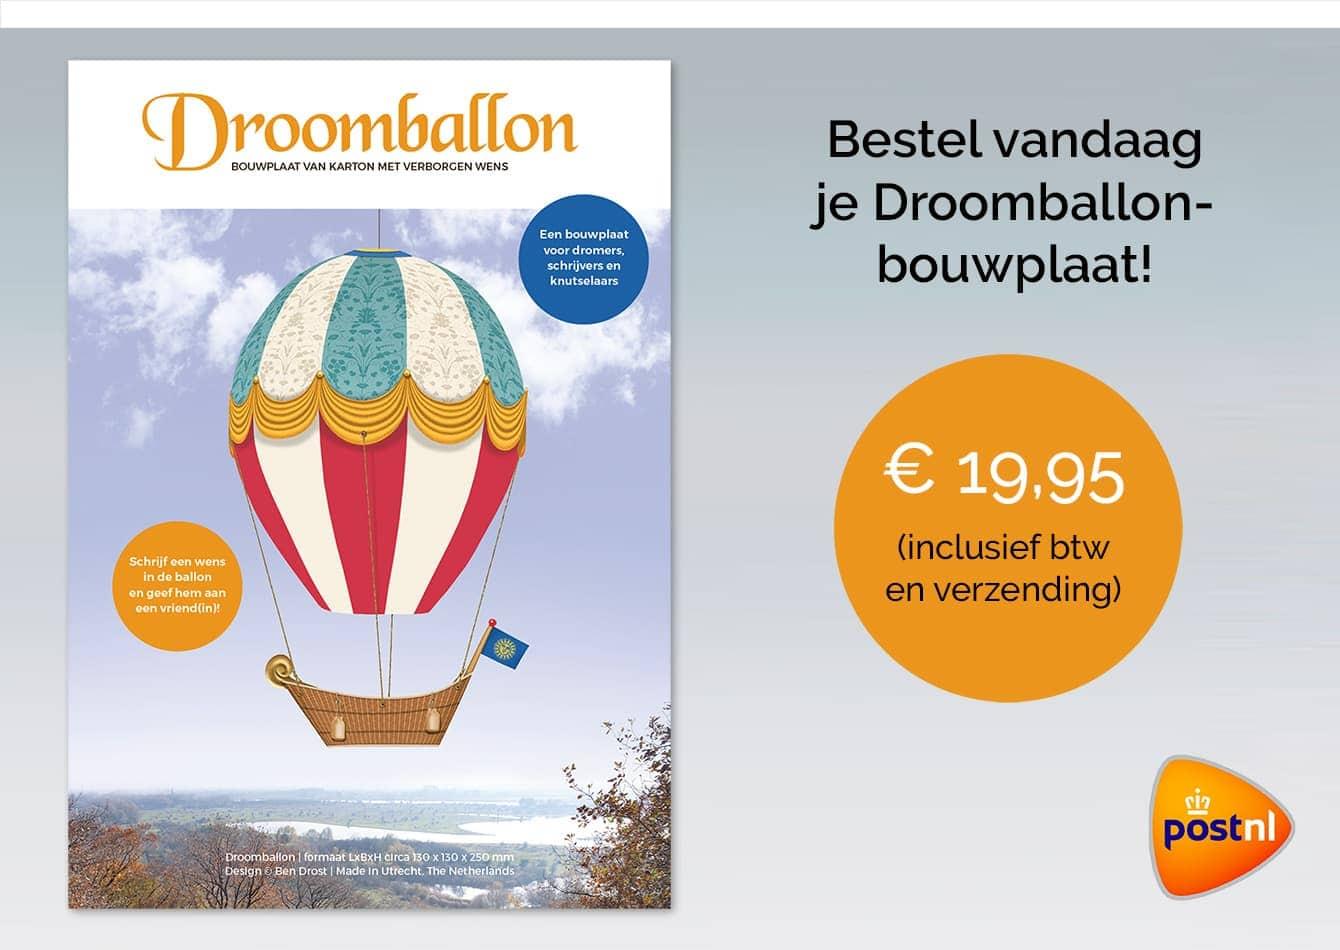 Droomballon bouwplaat prijsinformatie